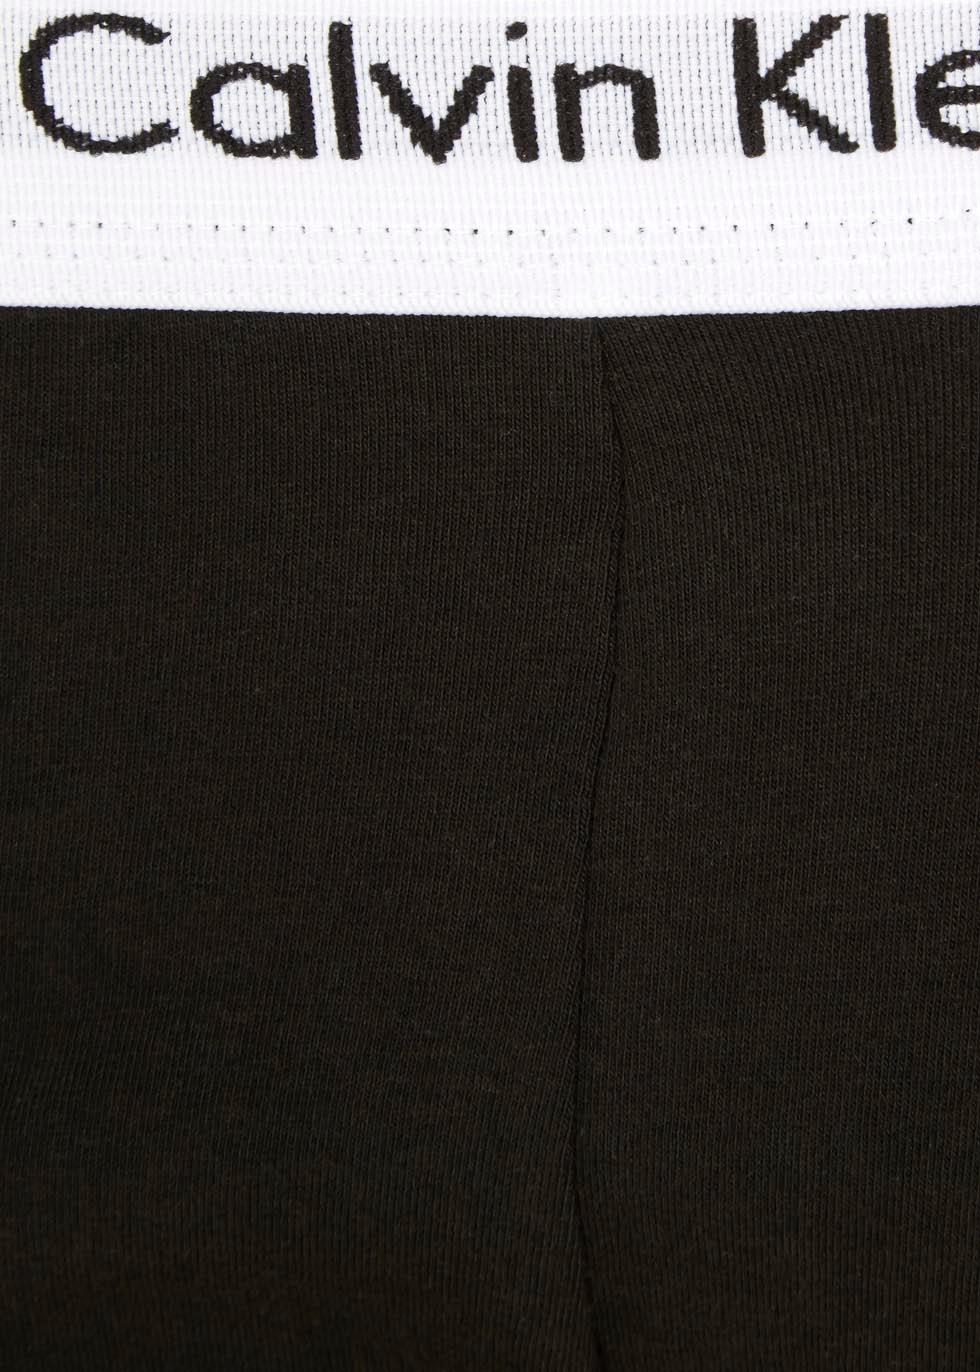 Black stretch cotton boxer briefs - set of three - Calvin Klein